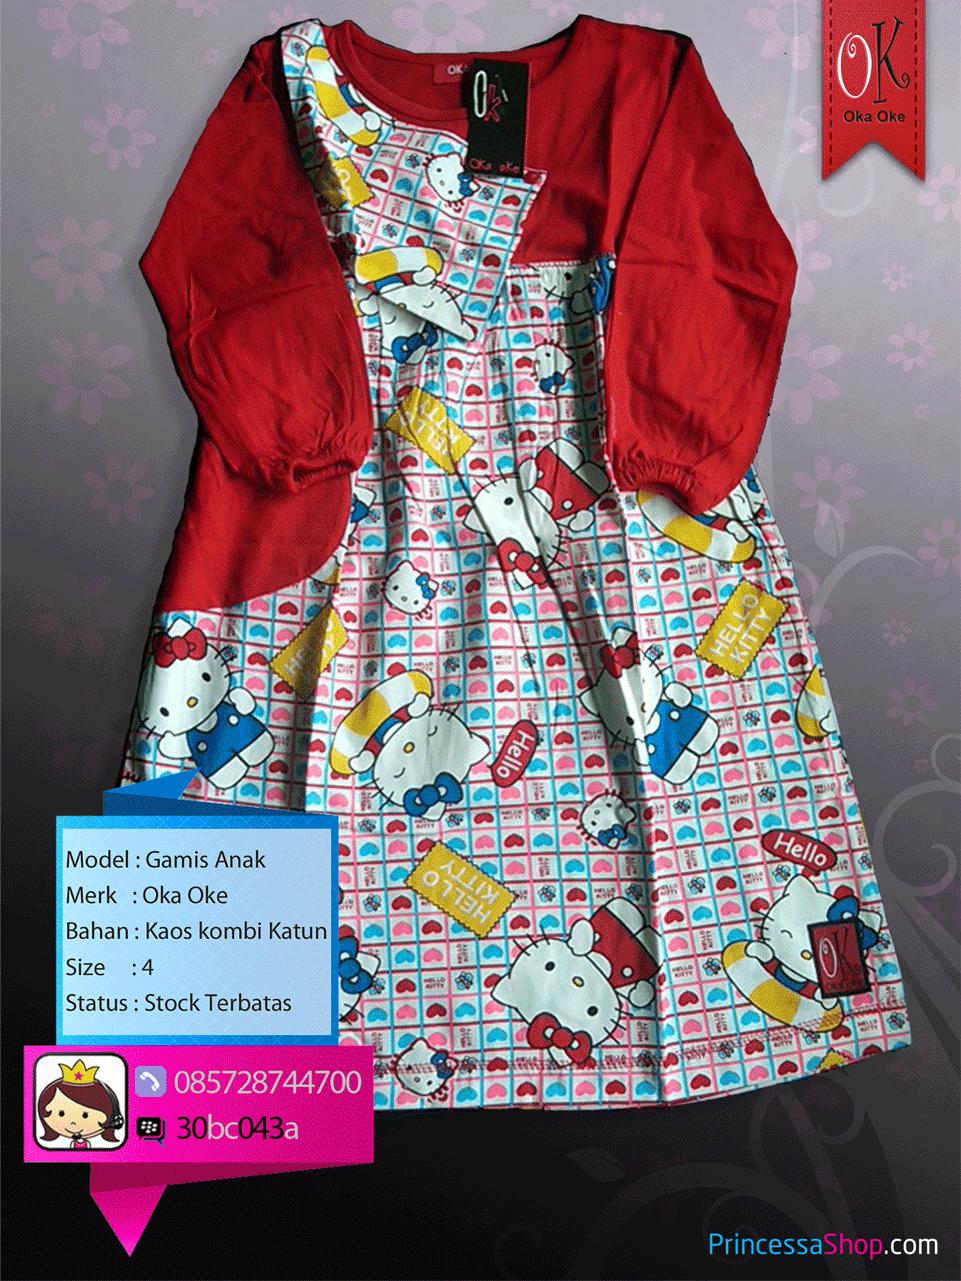 gambar baju muslim anak perempuan 1 2 3 4 tahun andra saputra baju muslim untuk anak 1 tahun,Model Baju Muslim Anak 1 Thn